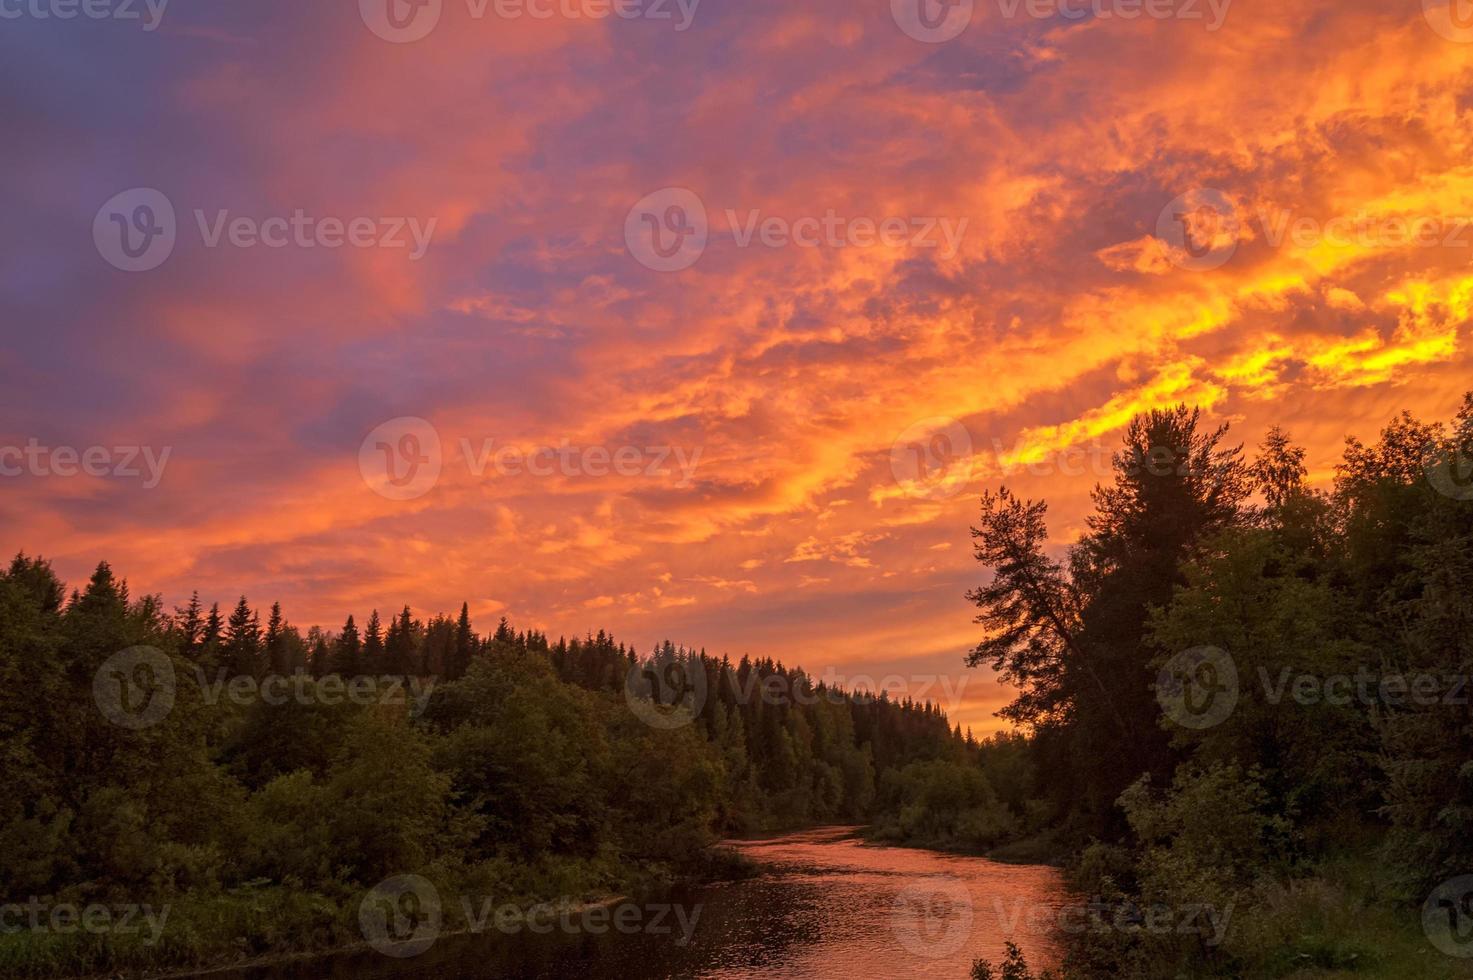 heldere dramatische zonsondergang over de rivier met bos langs de rivier foto